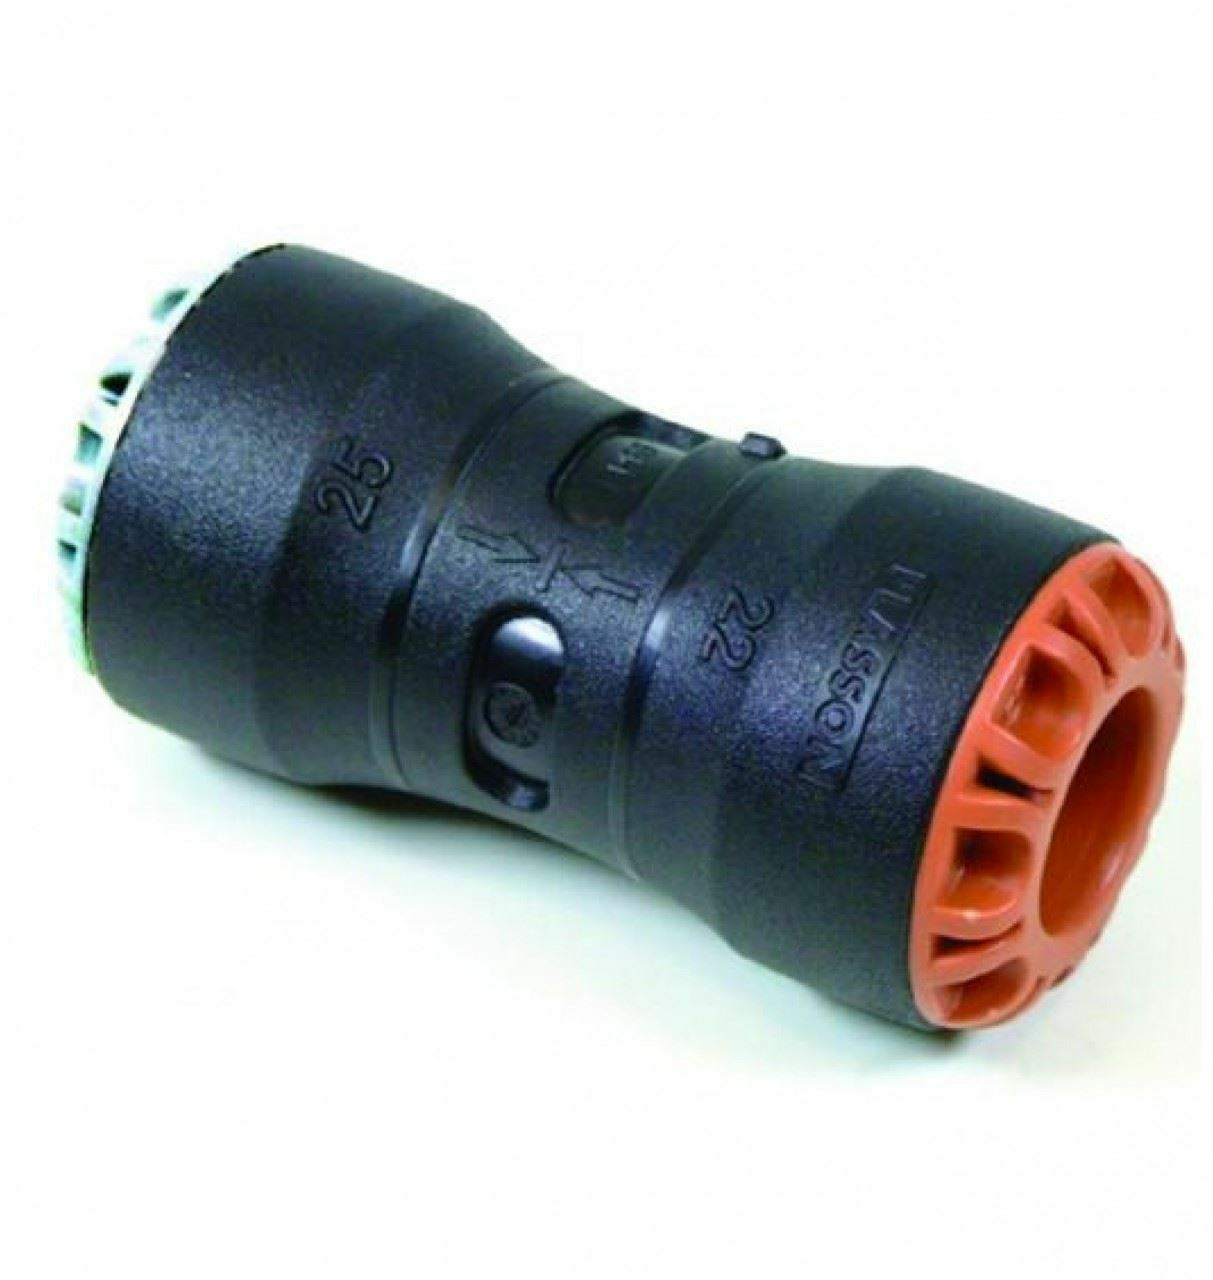 Plass-One Plass-One Plass-One 32 mm x 28 mm Push Fit MDPE di raccordo in ottone - 1001 C-confezione da 2 deacc0